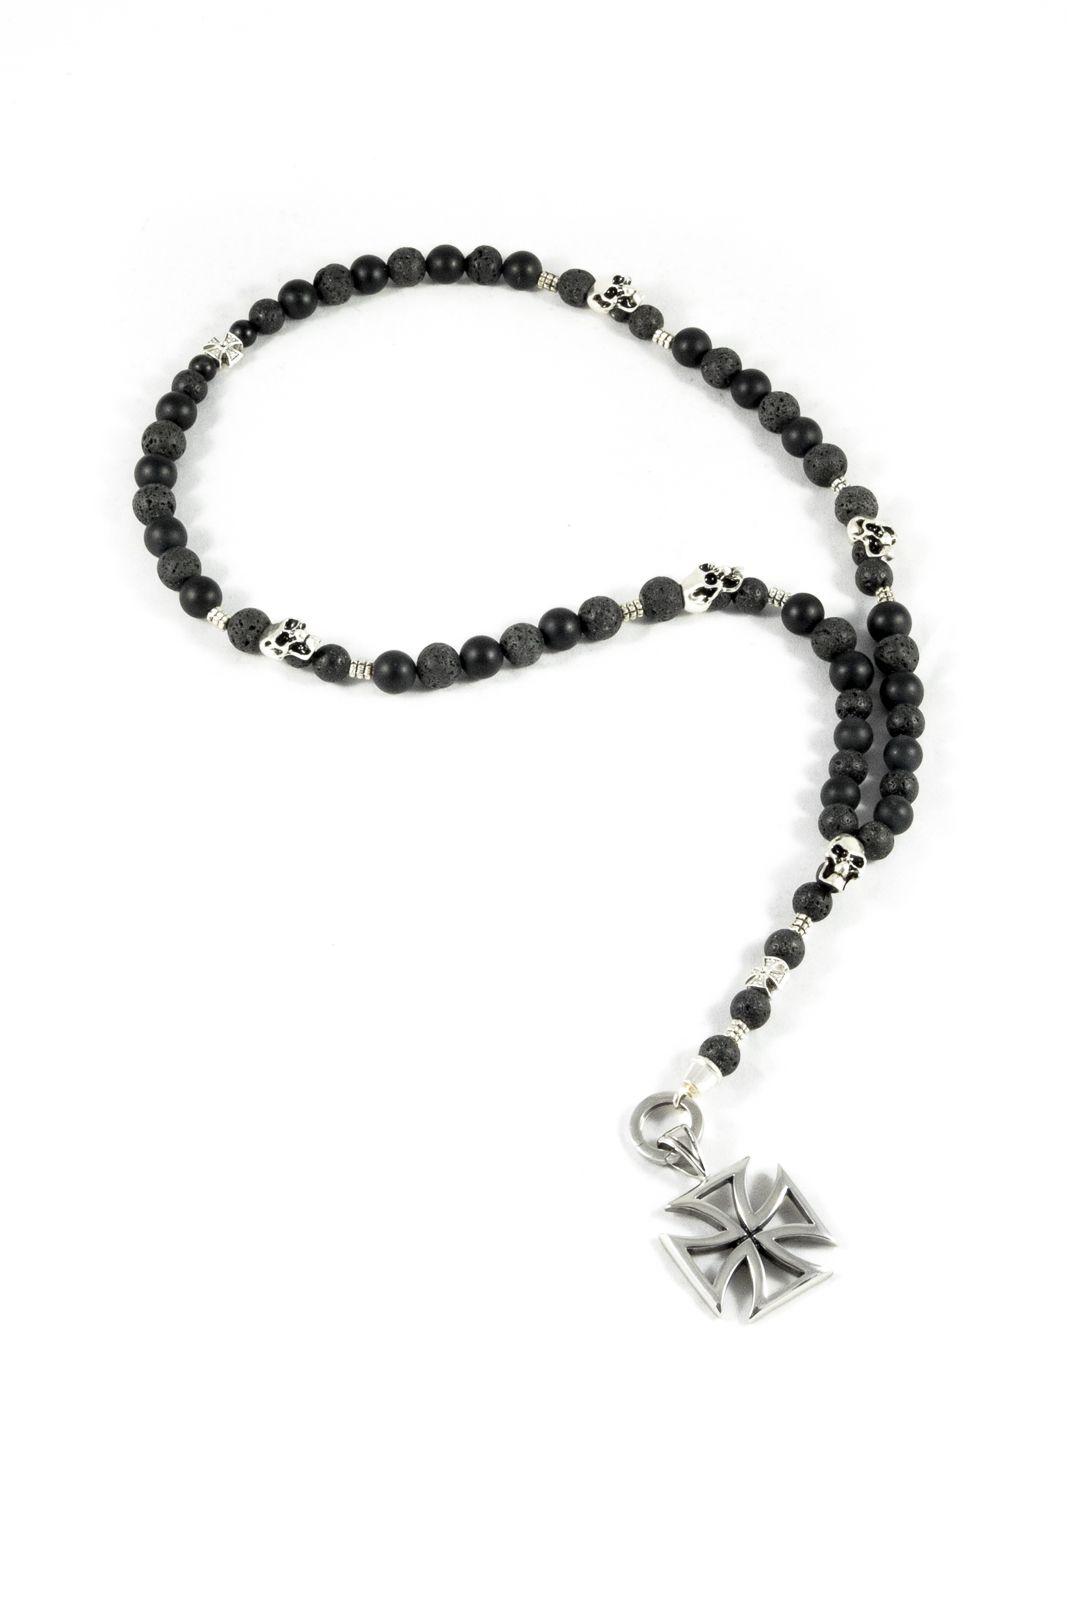 Rosenkranz Kette mit Lava perlen und edelstahlbeads